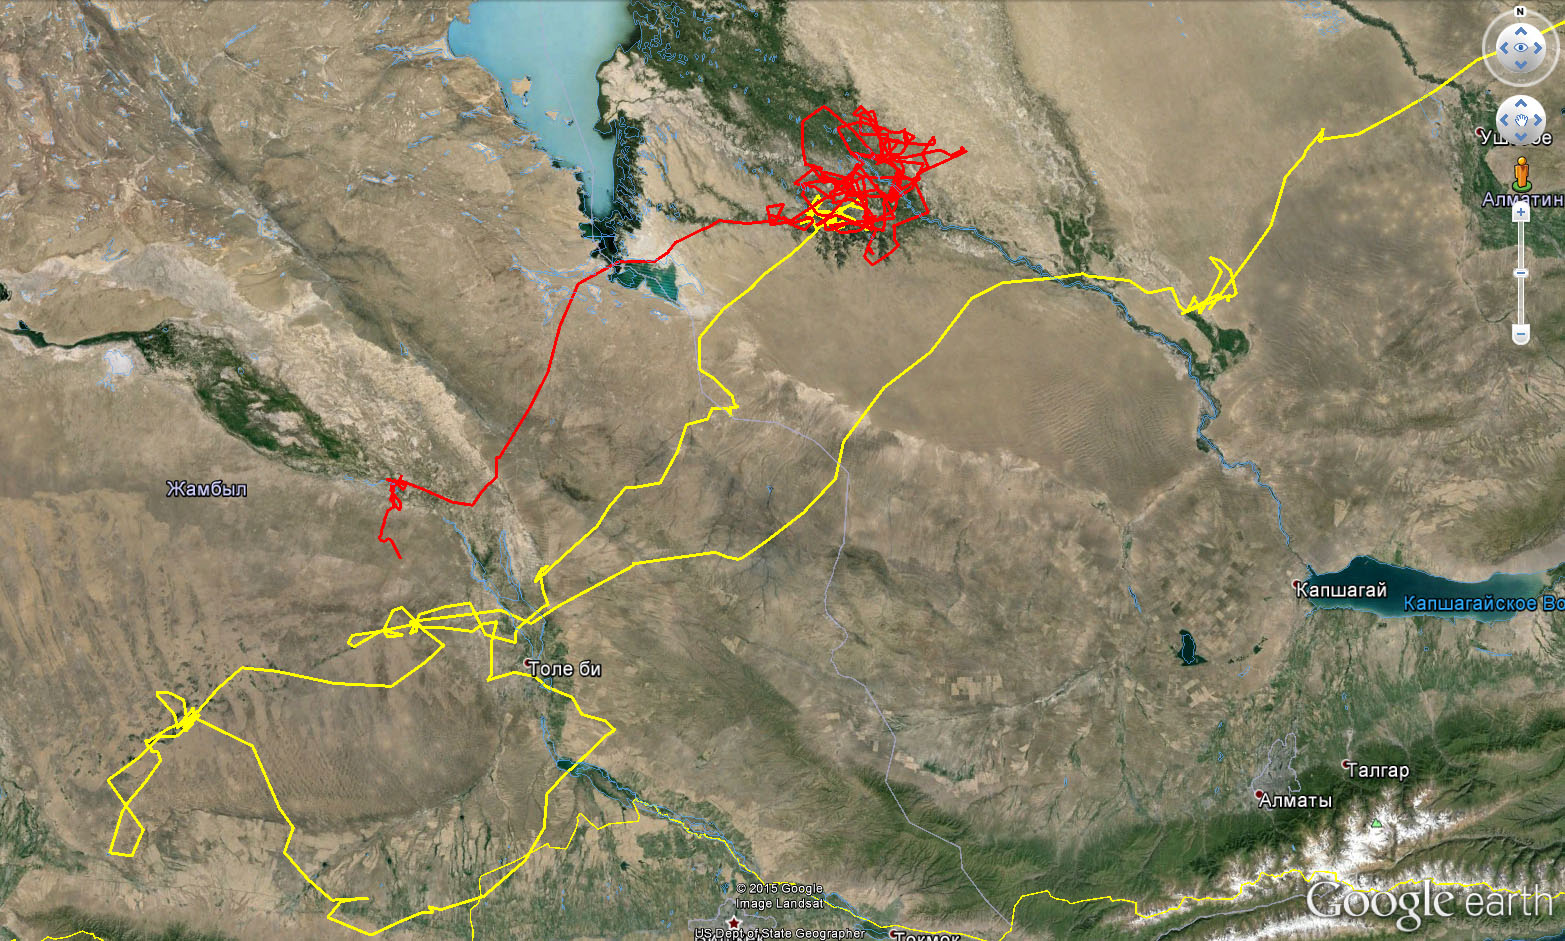 Перемещения Ороши осенью 2015 г.: жёлтый трек - сентябрь, красный трек - октябрь